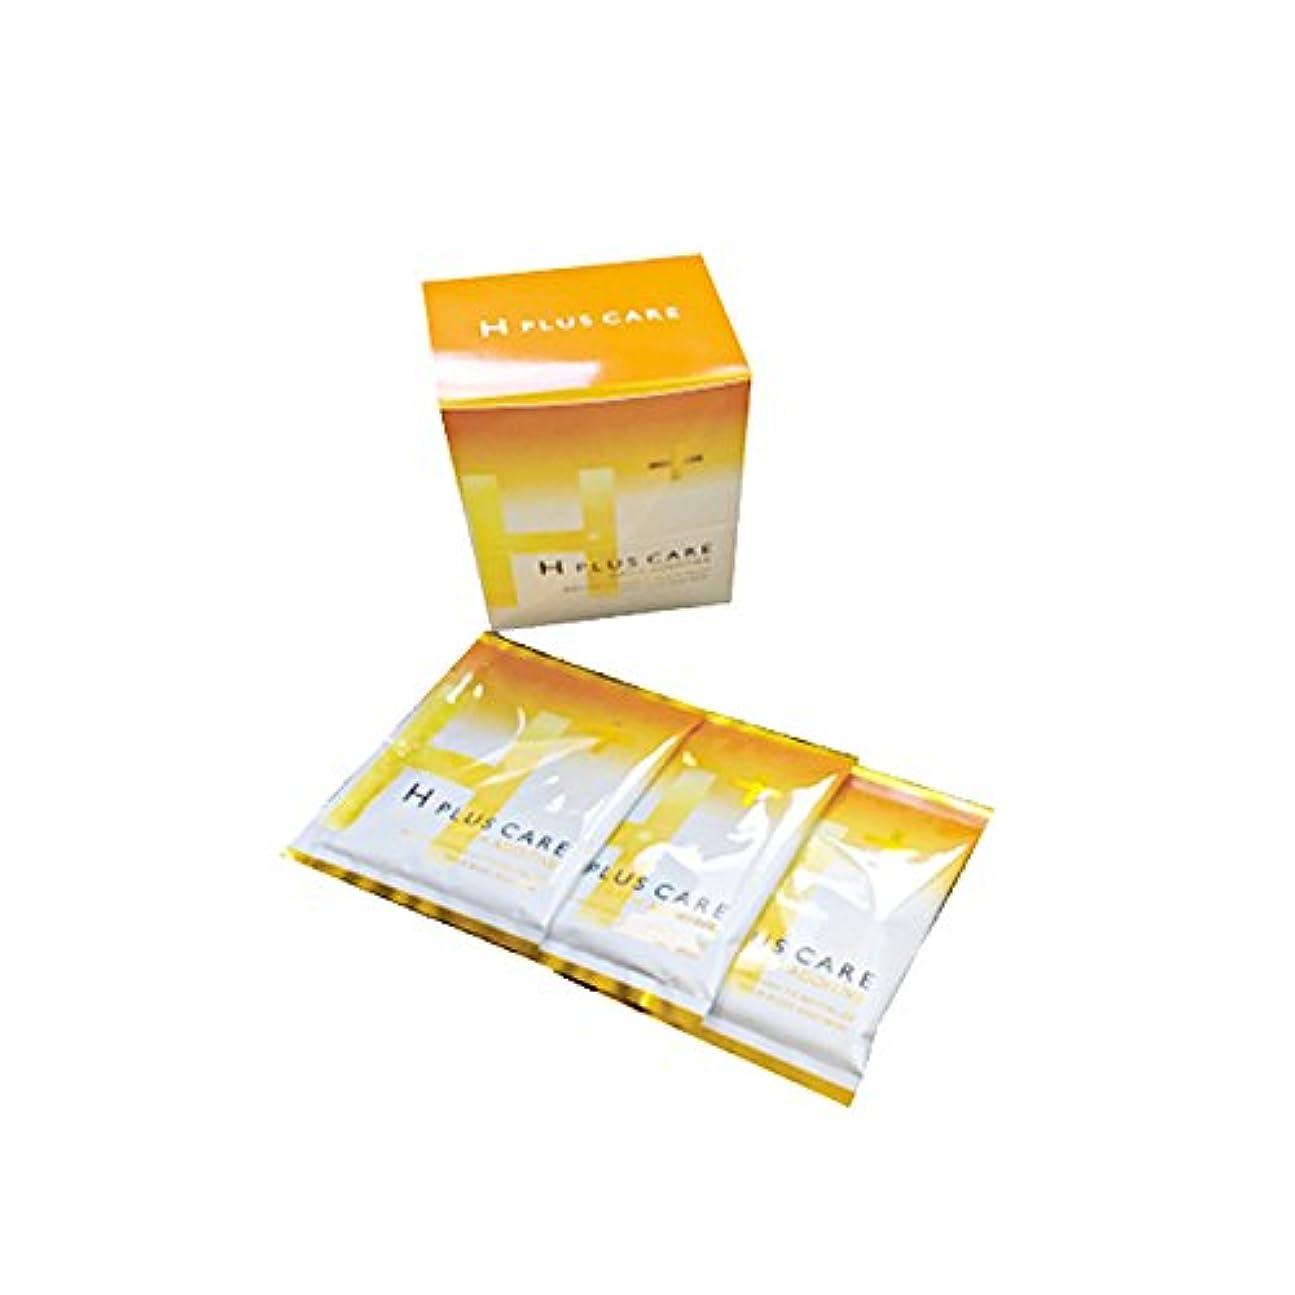 ネクタイためらうライセンス水素浴用剤 H PLUS CARE(エイチプラスケア) 450g(45g×10包) アンタレス